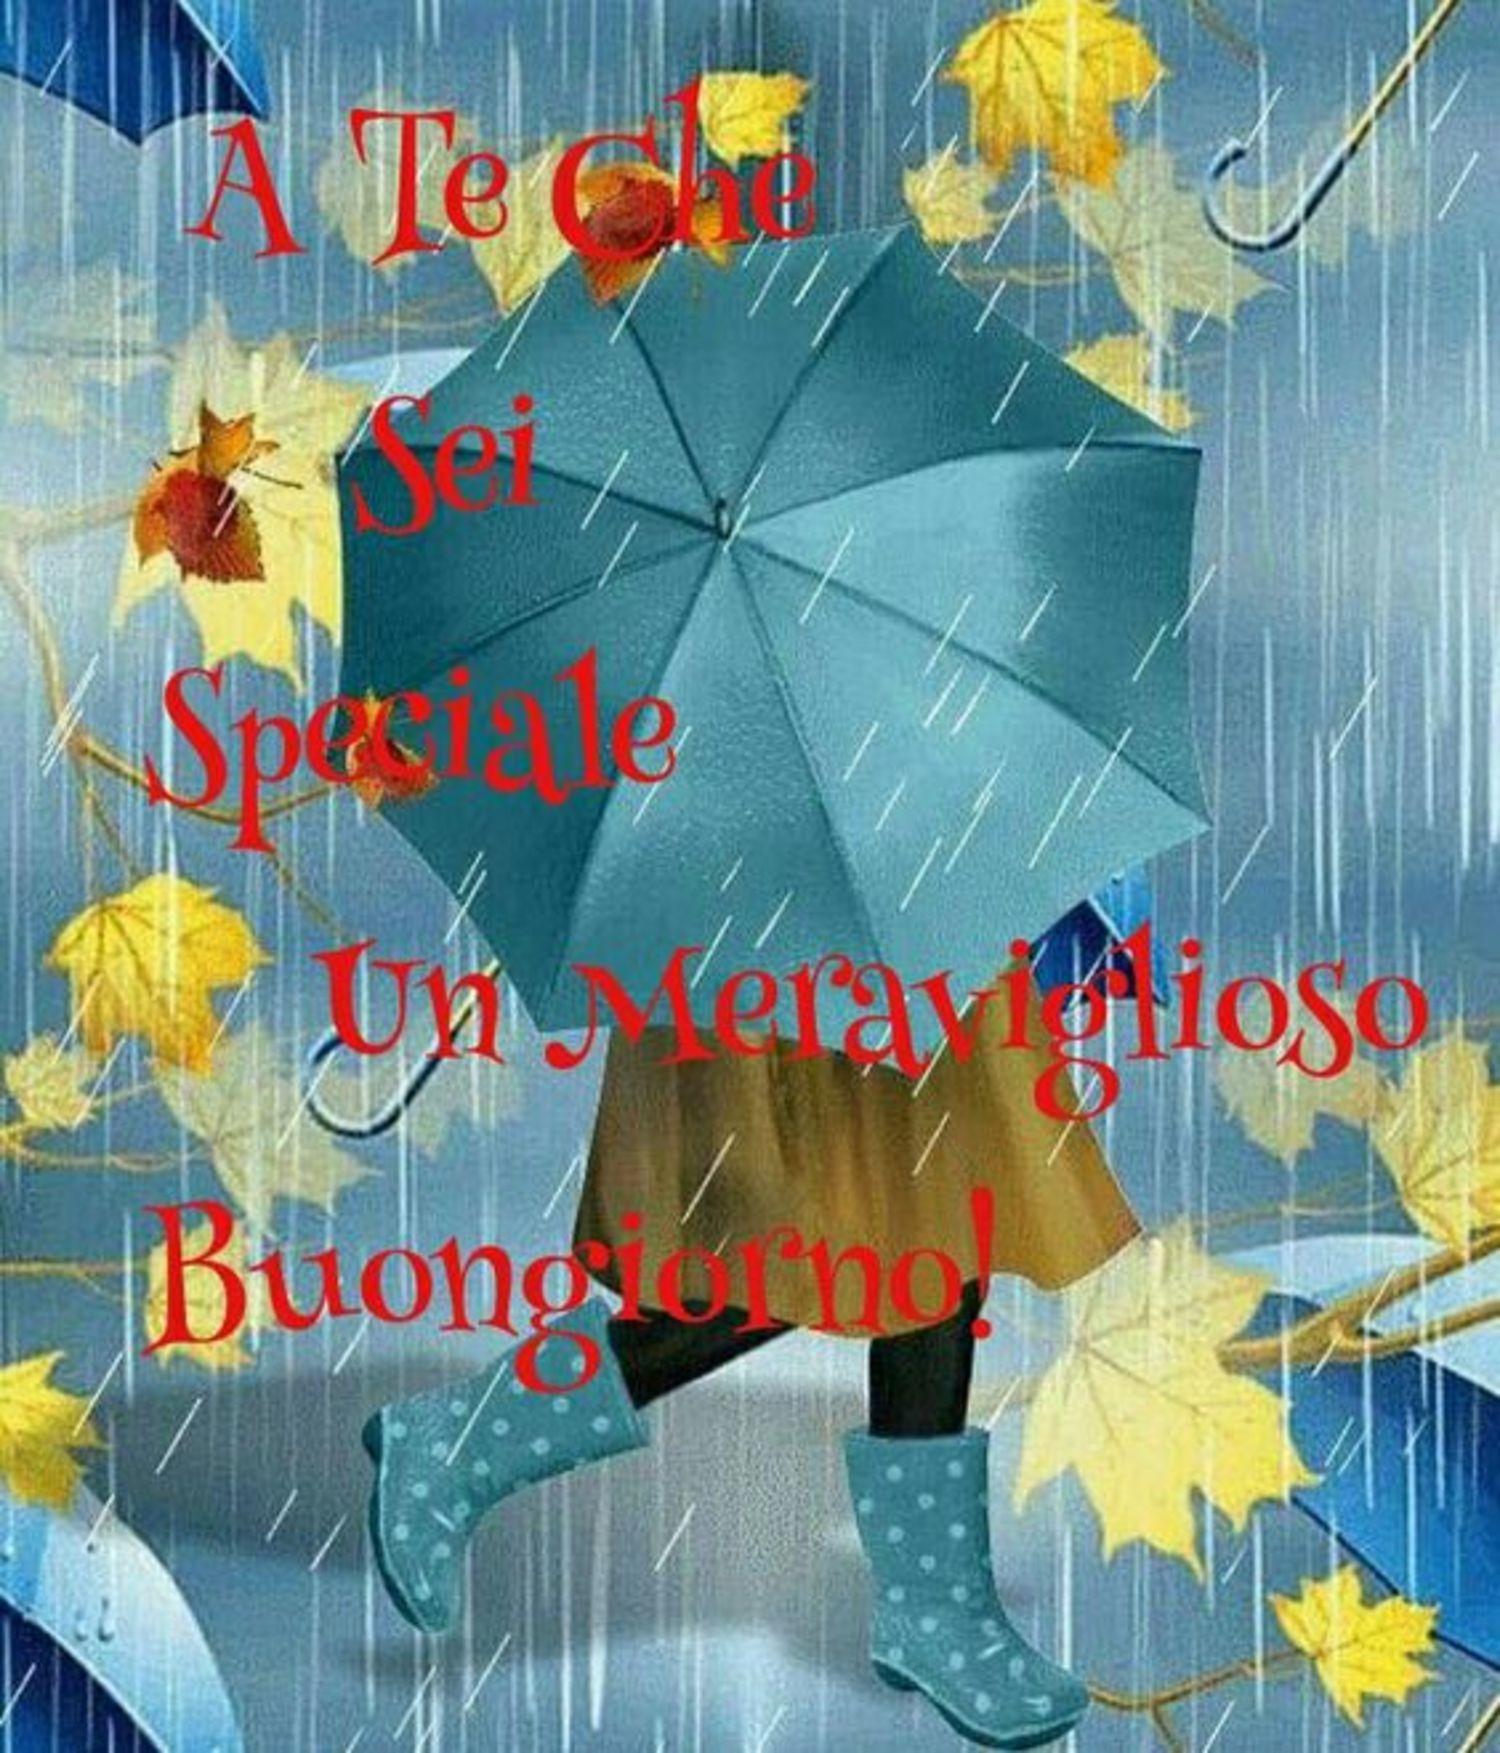 Frasi Di Buongiorno Con La Pioggia.Frasi Immagini Buongiorno Pioggia 84 Buongiorno Immagini It